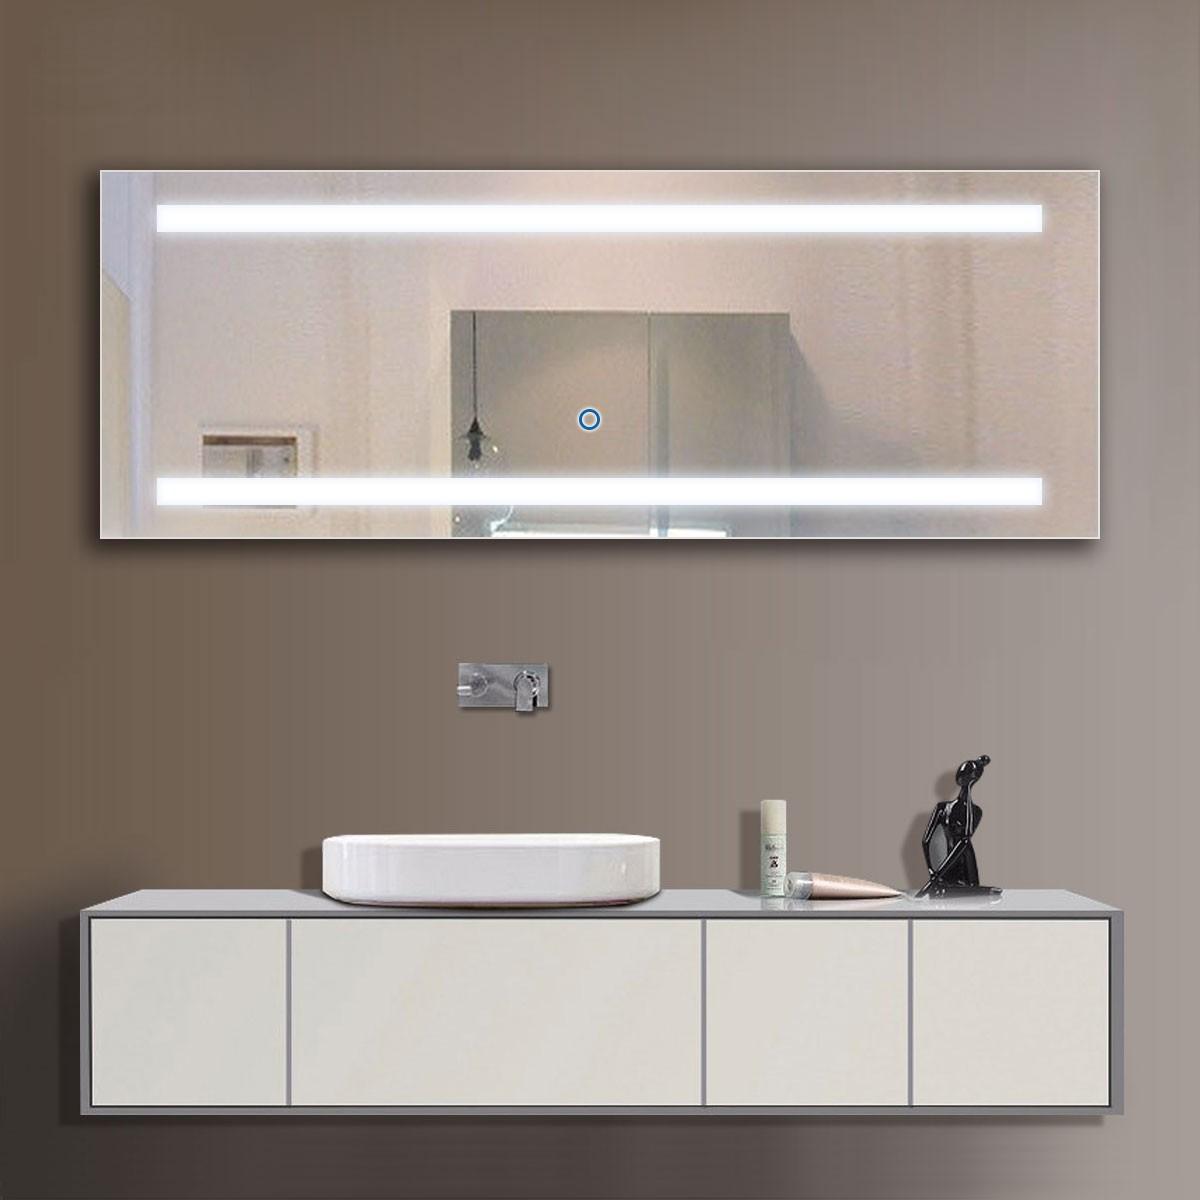 65 X 24 Po Miroir LED Salle De Bain Avec LInterrupteur